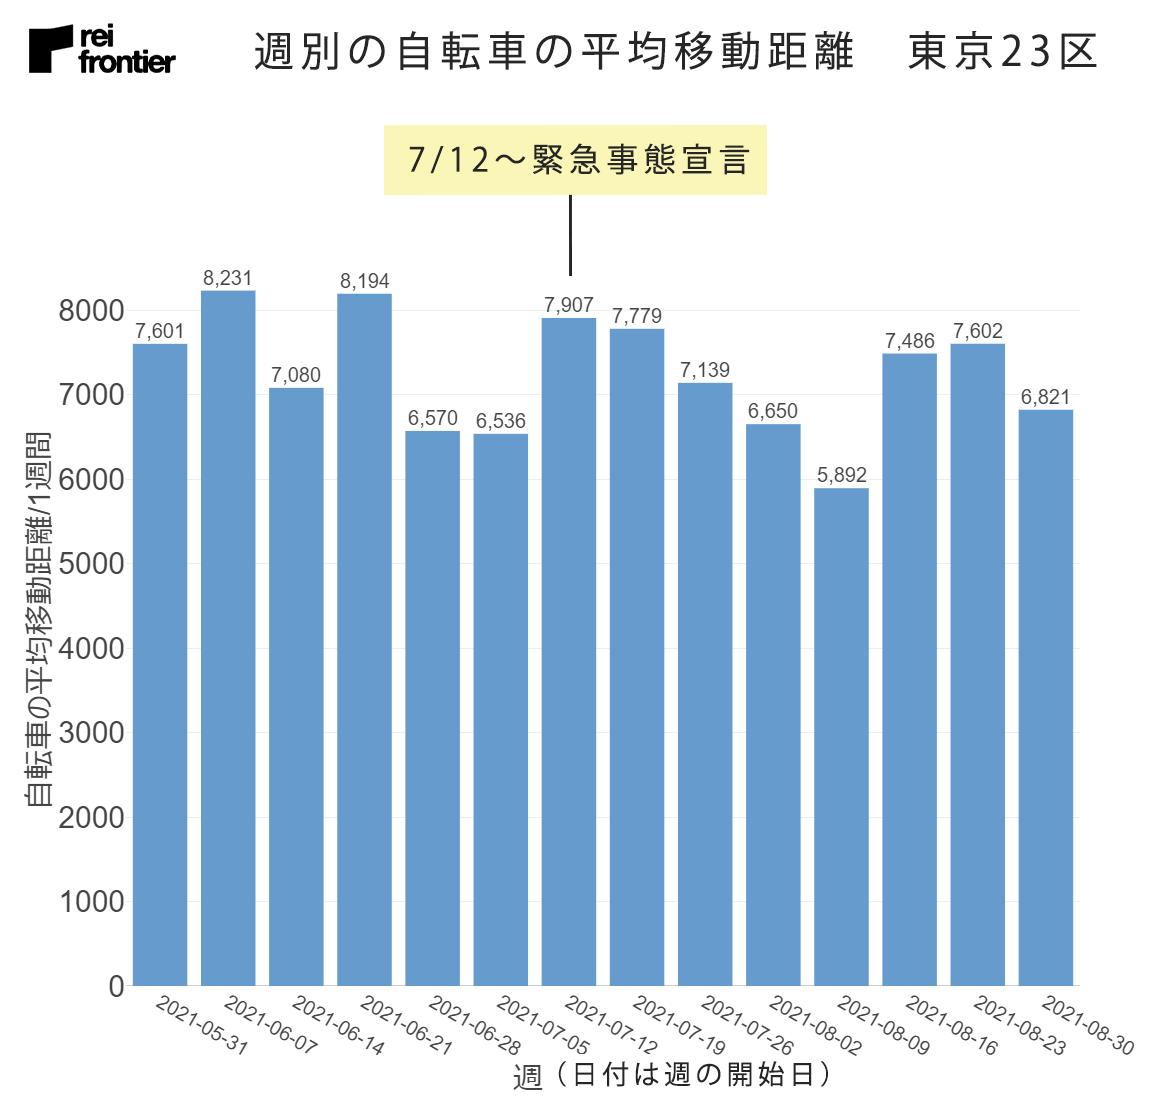 週別の自転車の平均移動距離 東京23区